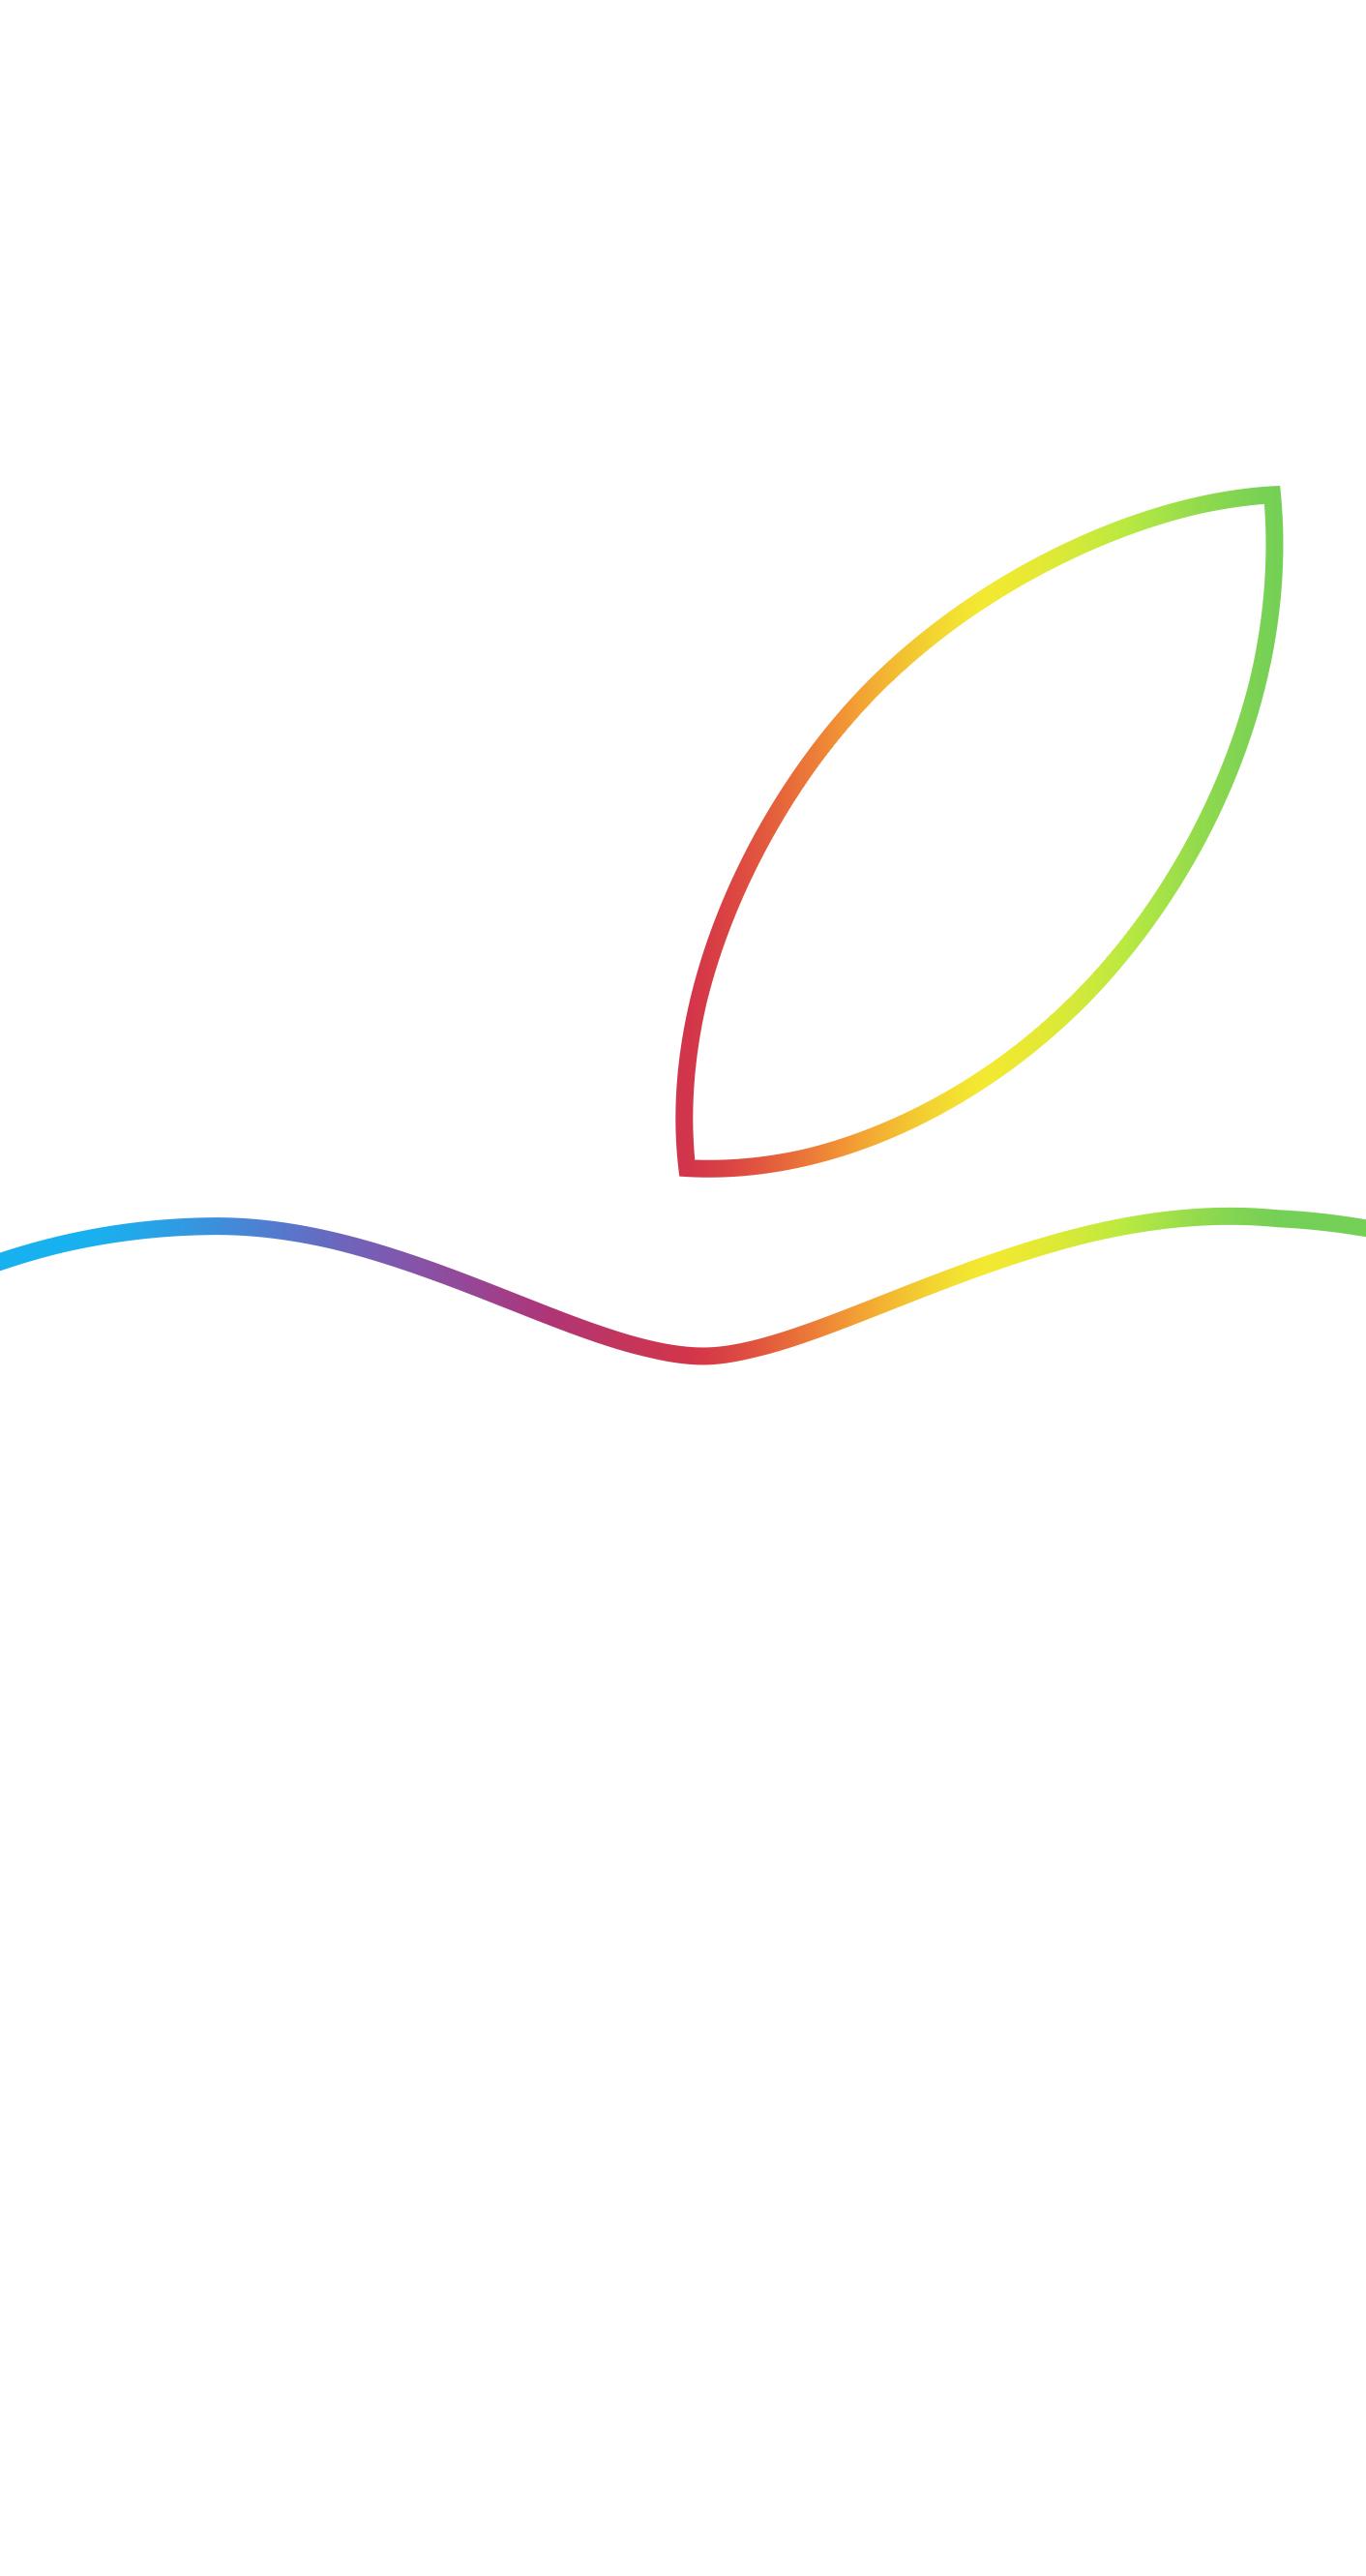 Retina macbook wallpapers 1